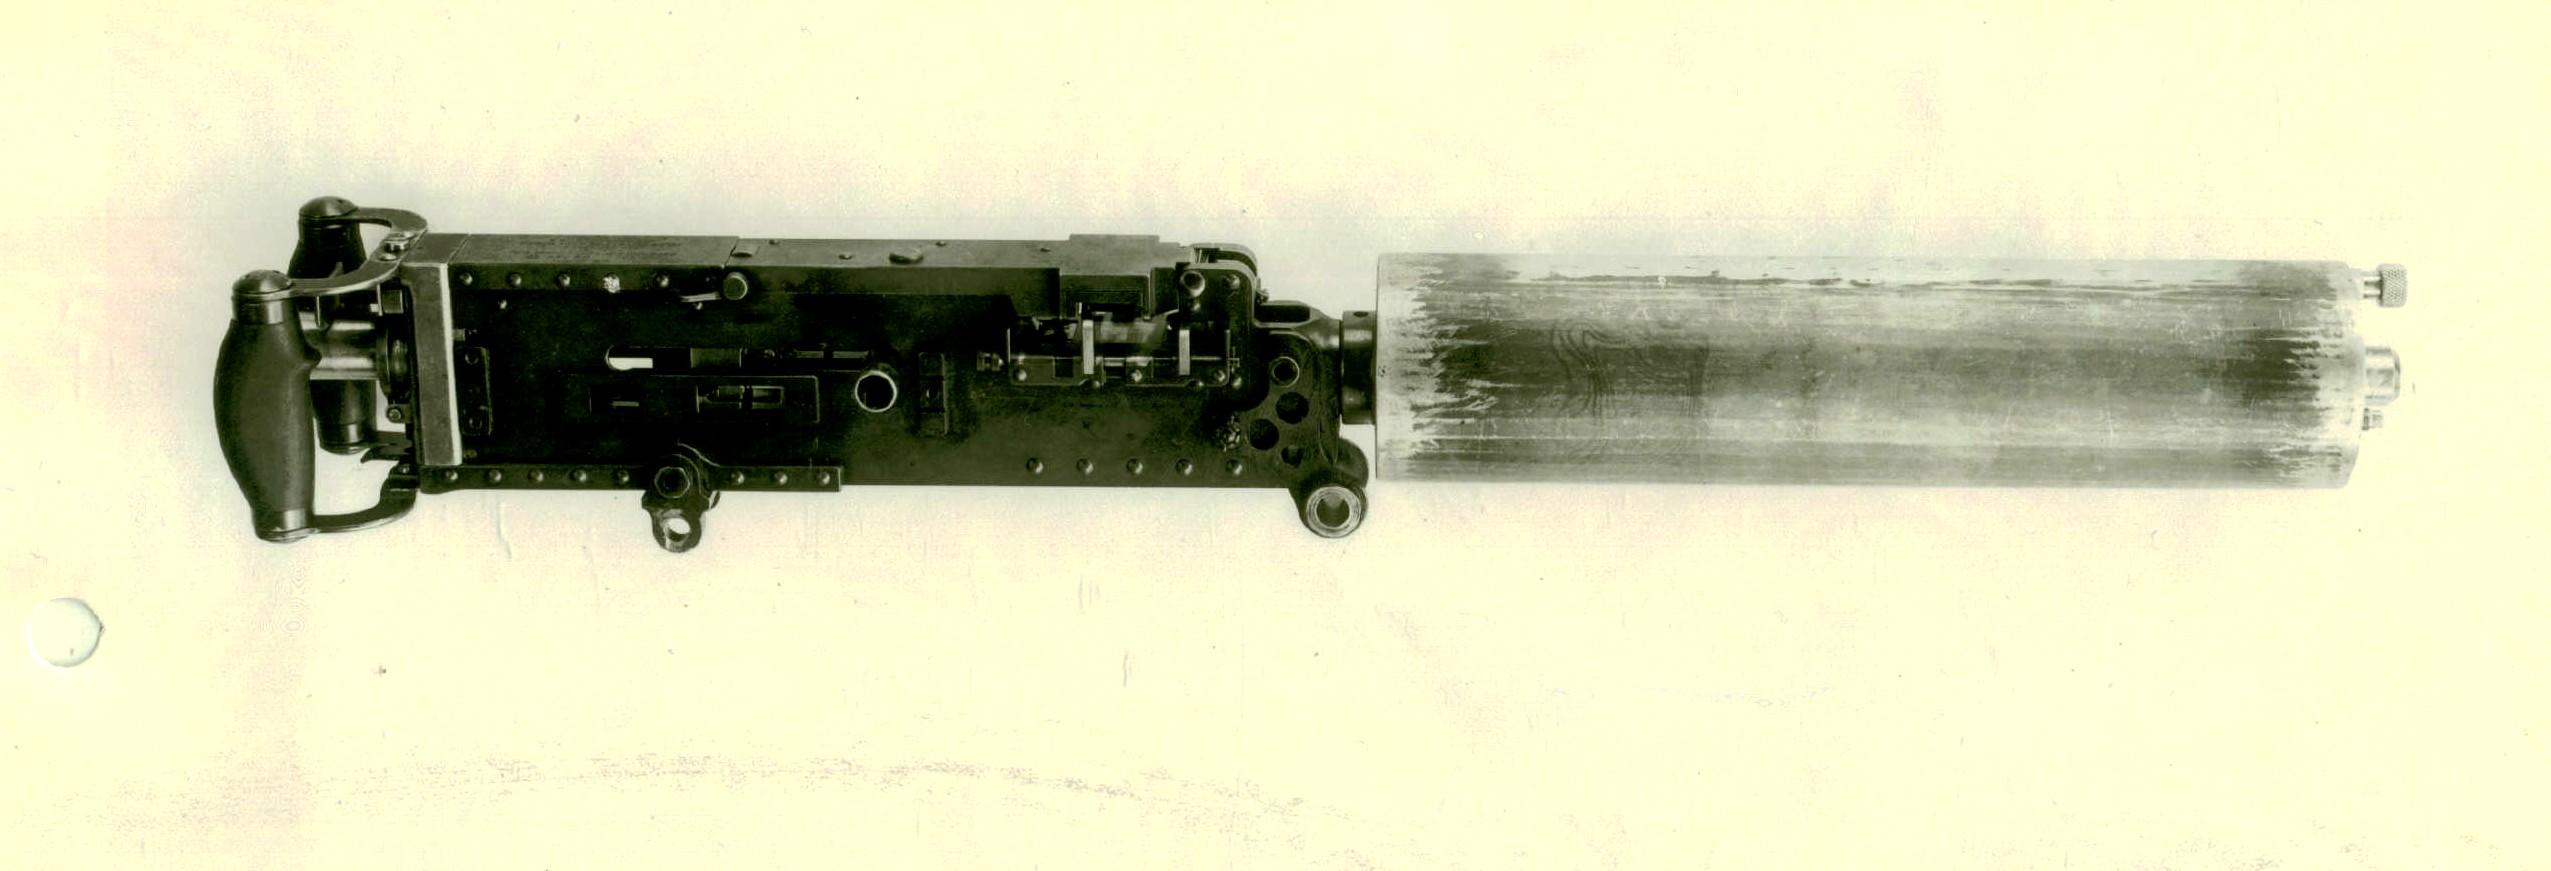 Pin On Interesting And Rare Guns